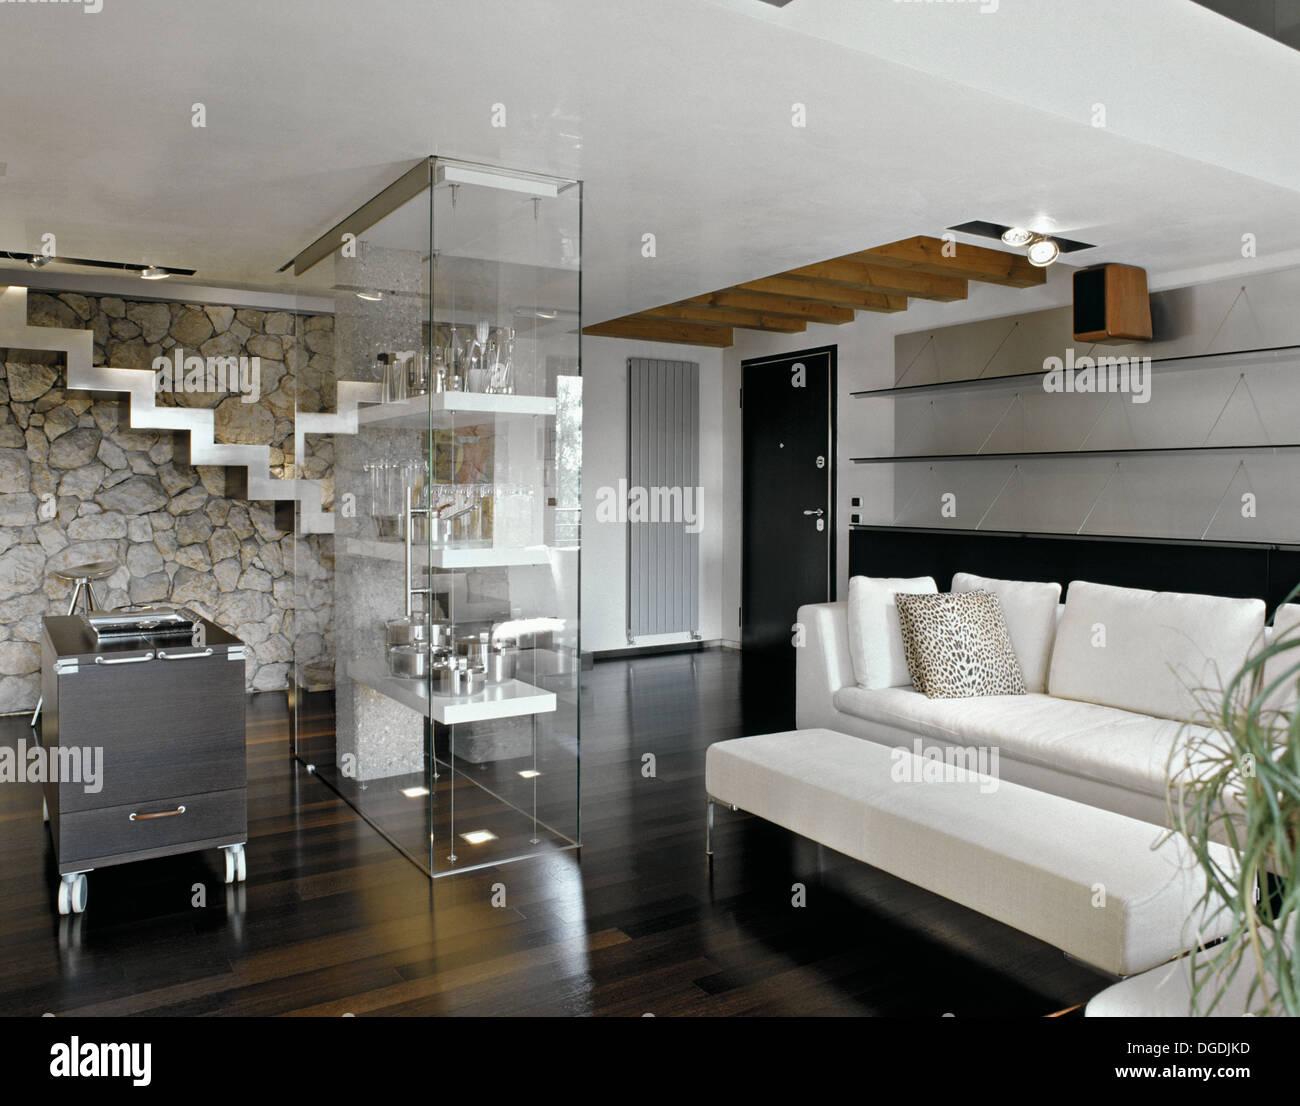 modernes wohnzimmer mit treppe : Modernes Wohnzimmer Mit Stoff Sofa Vitrine Und Treppe Mit Blick